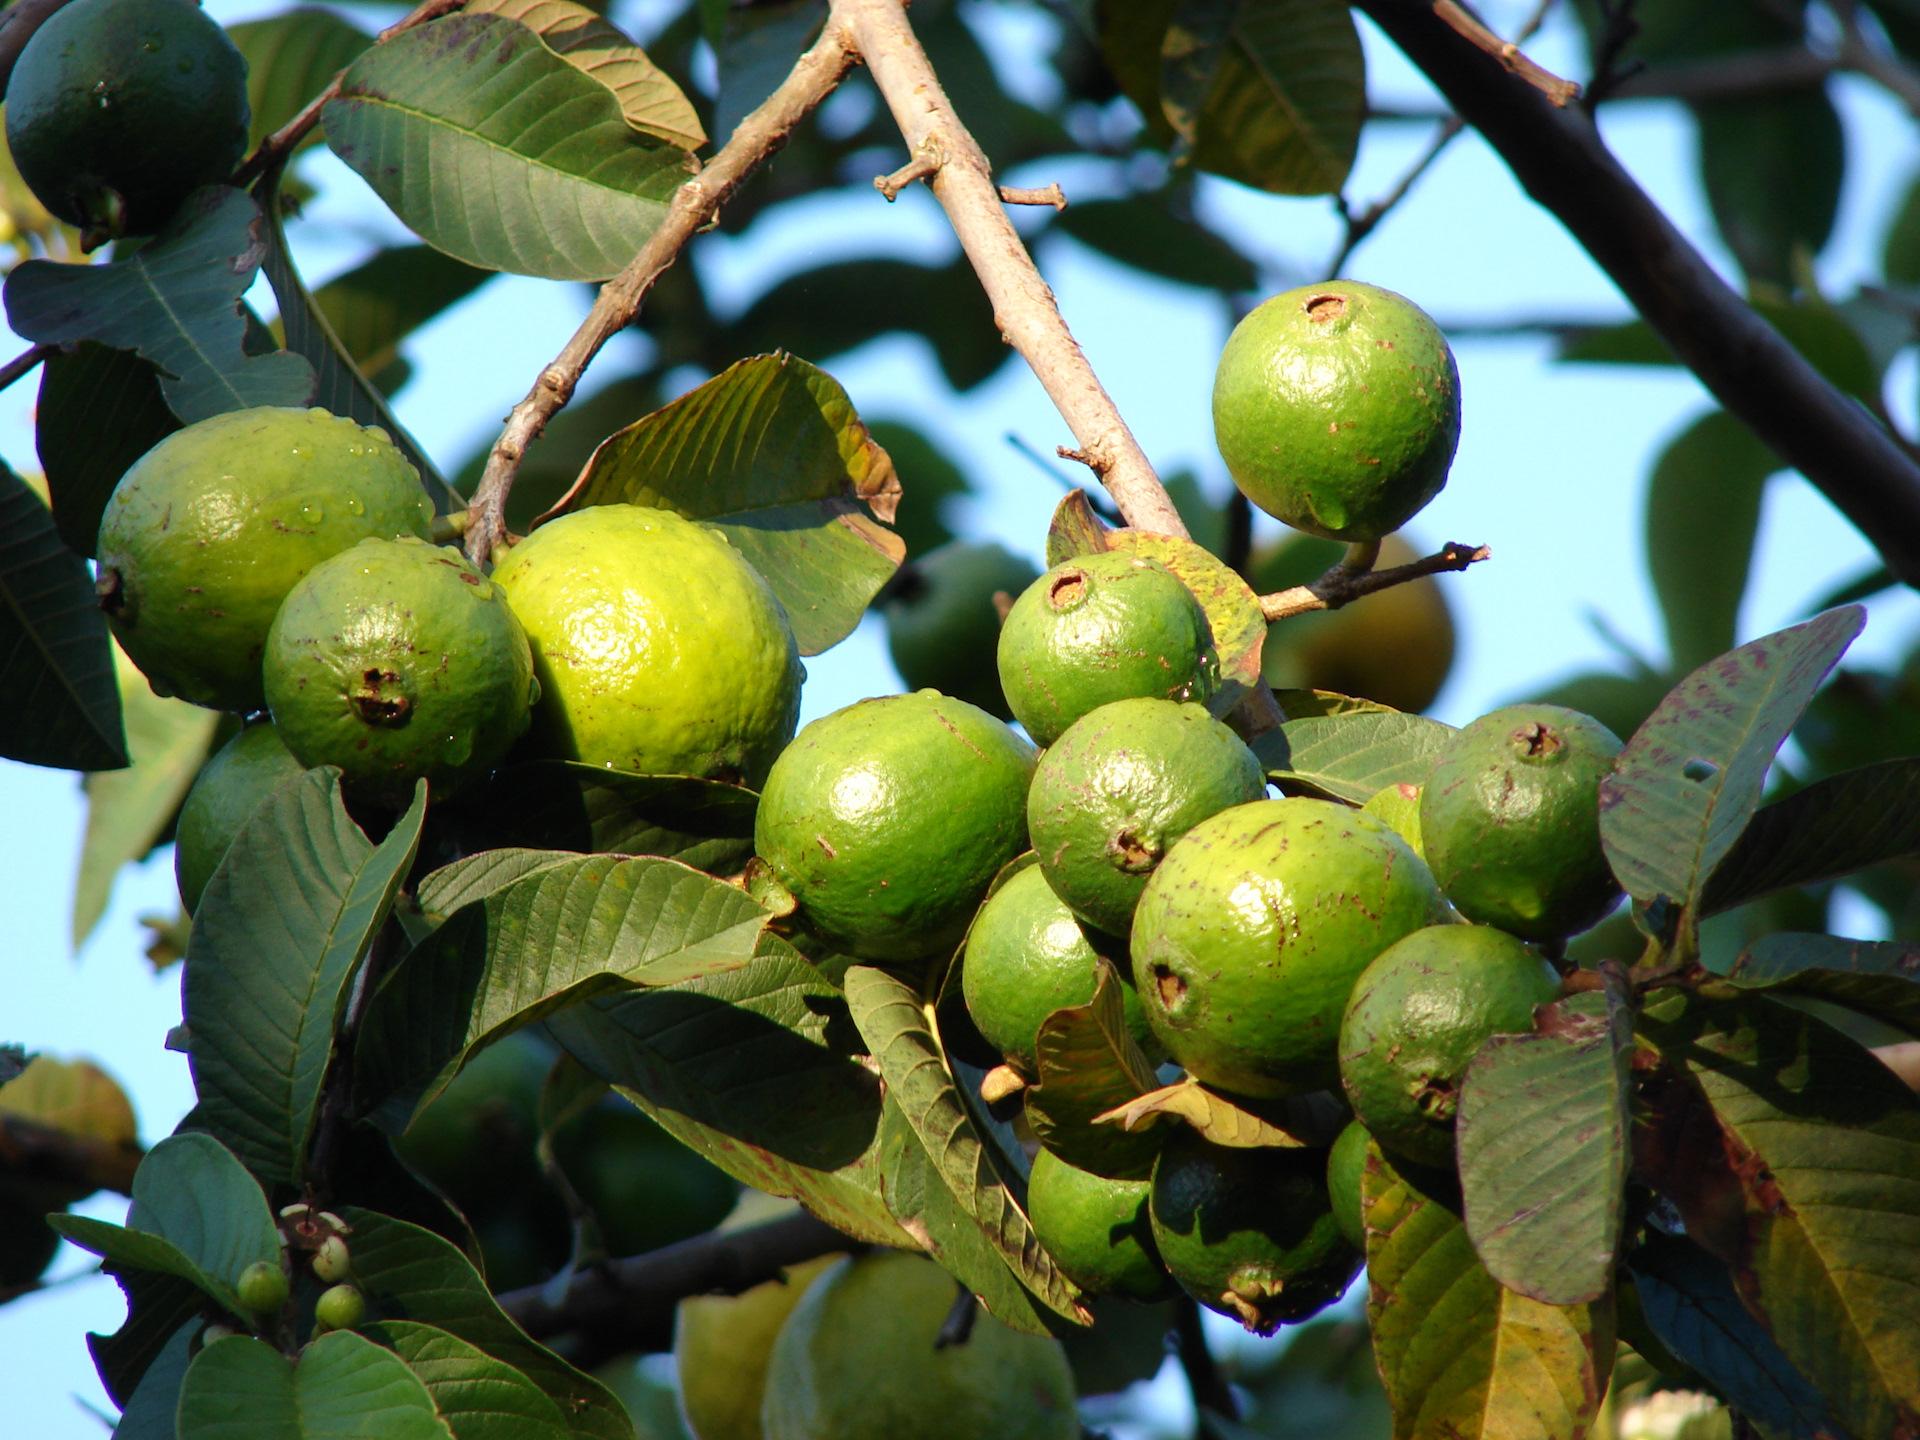 фрукты амазонии фото термальные источники